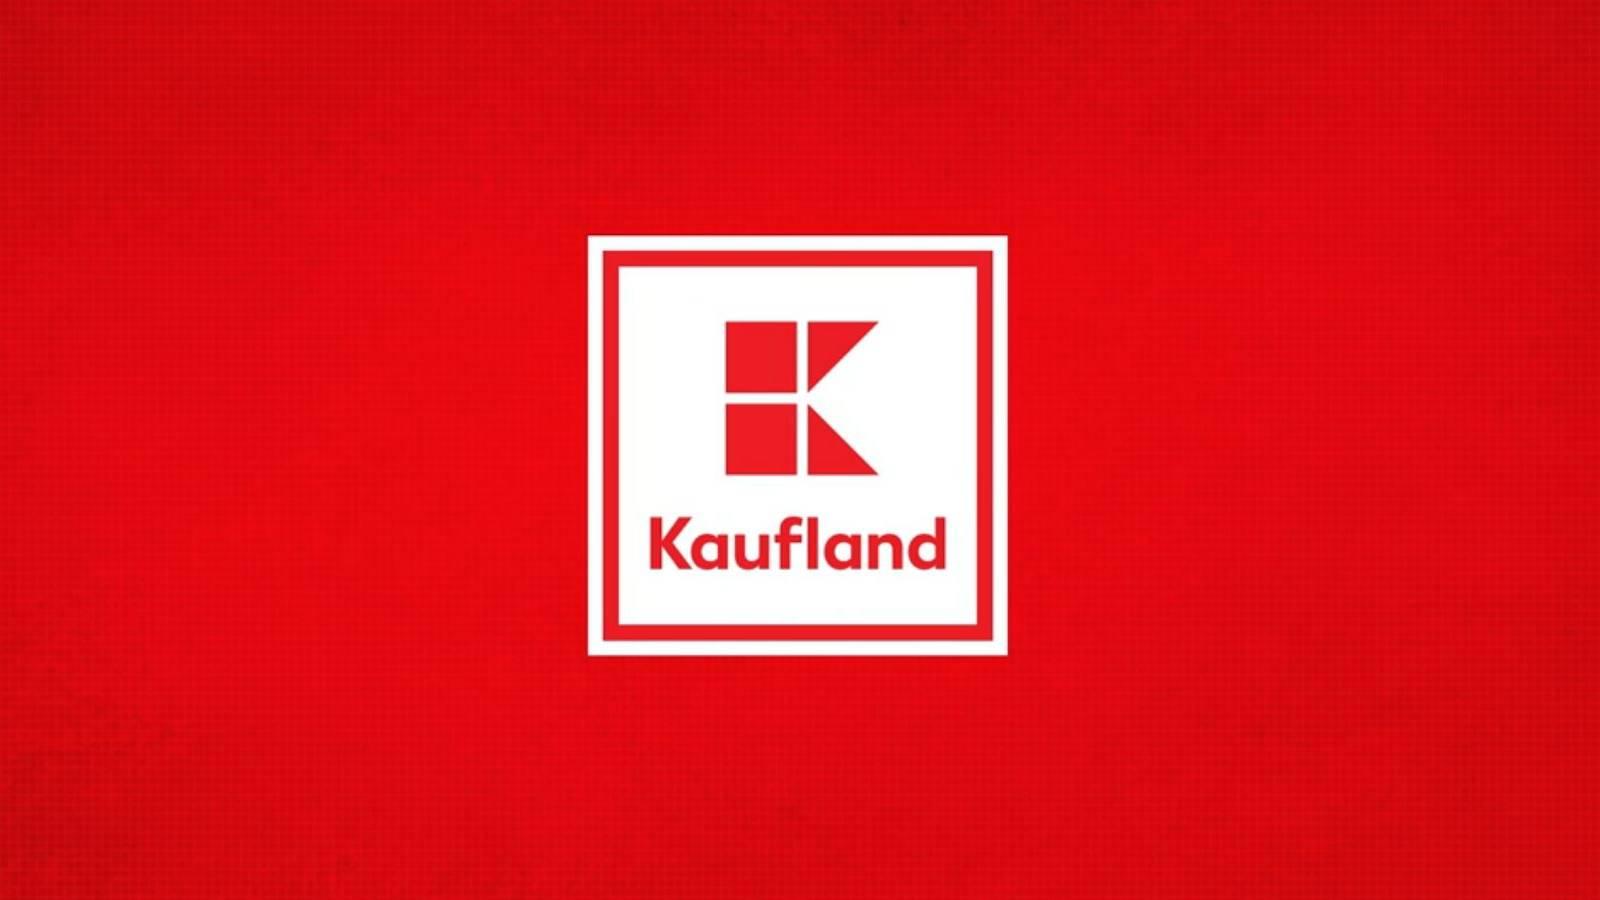 Kaufland continuitatea